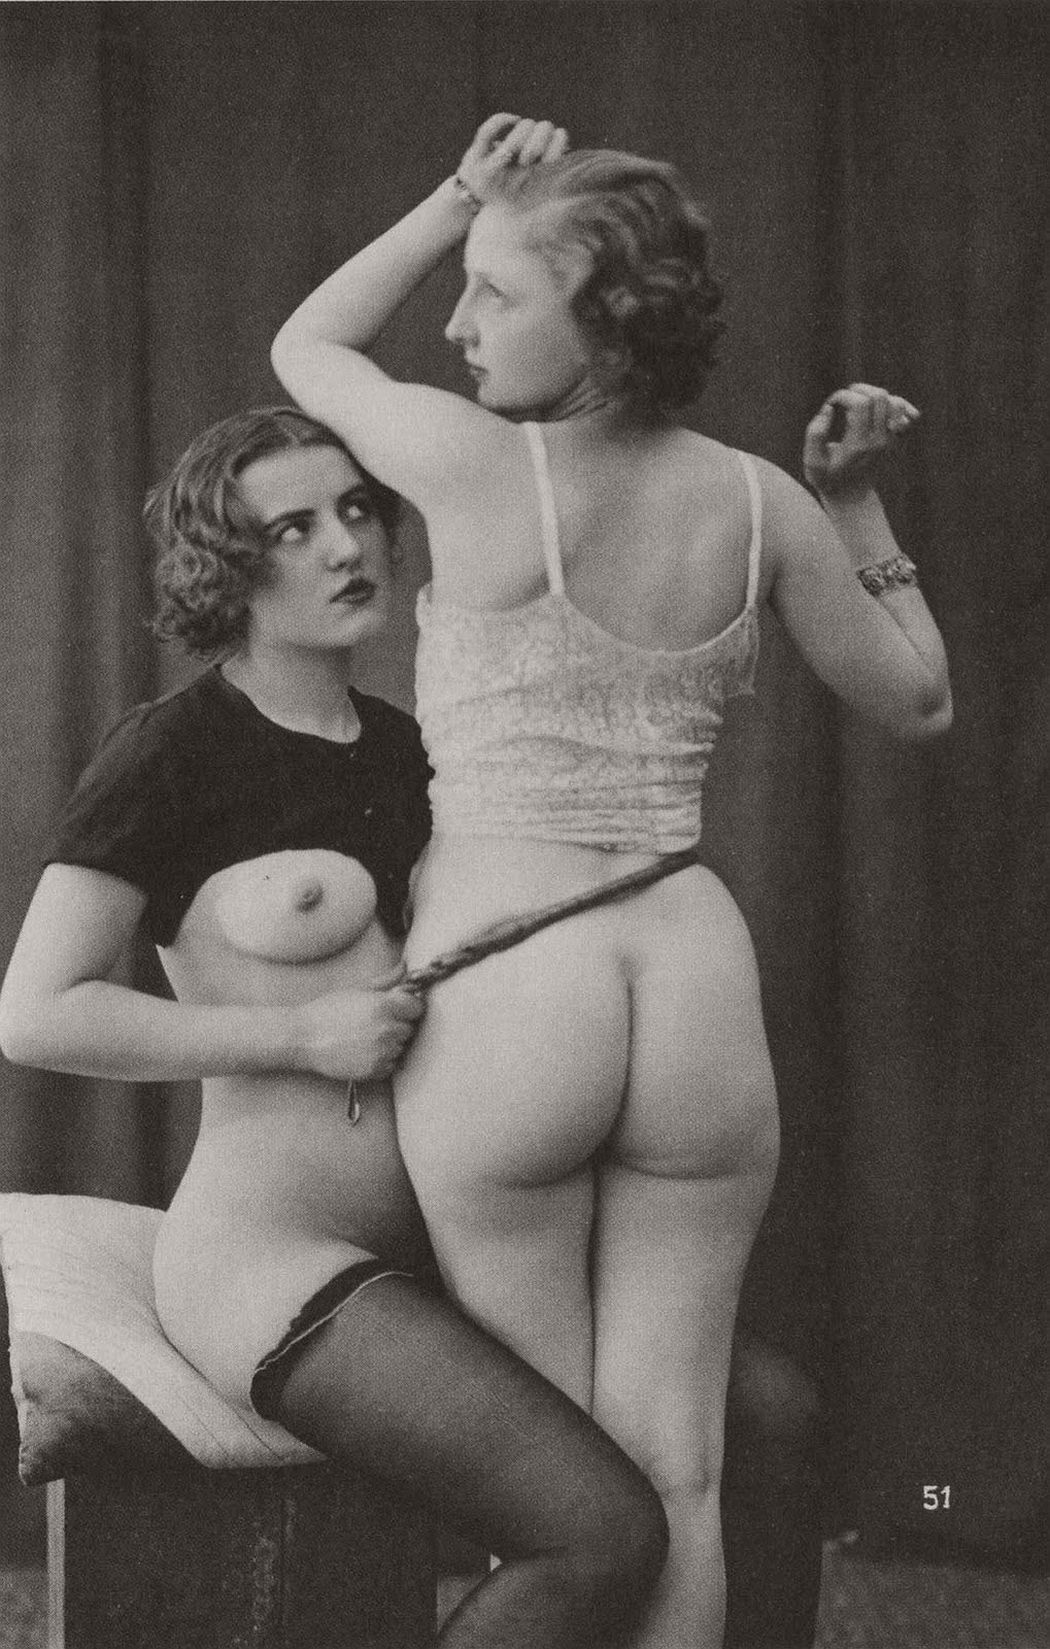 Vintage nude women erotica